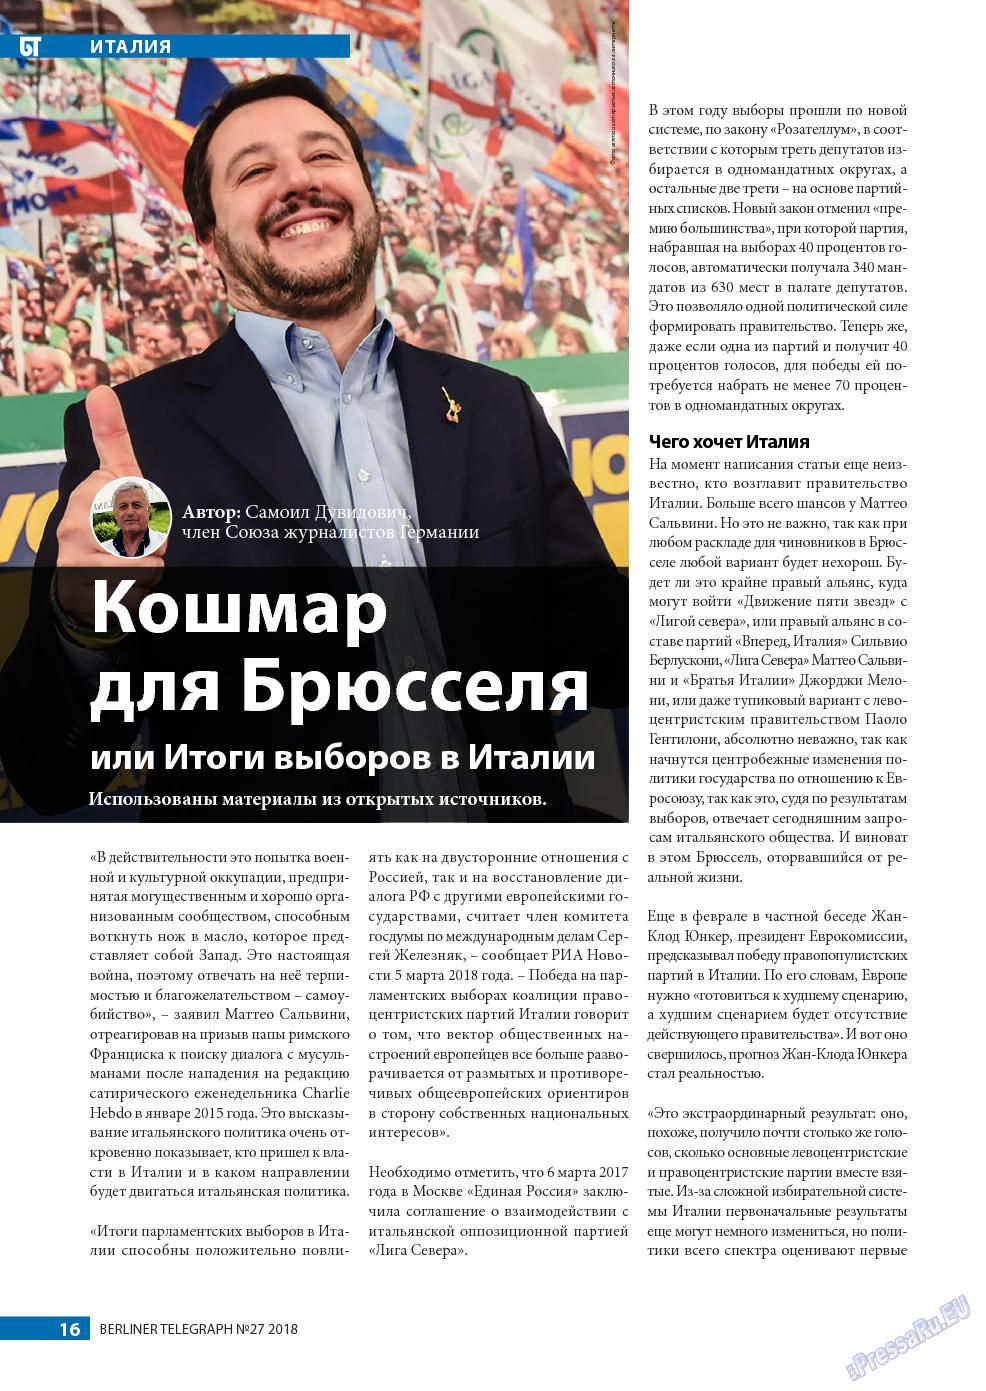 Берлинский телеграф (журнал). 2018 год, номер 27, стр. 16